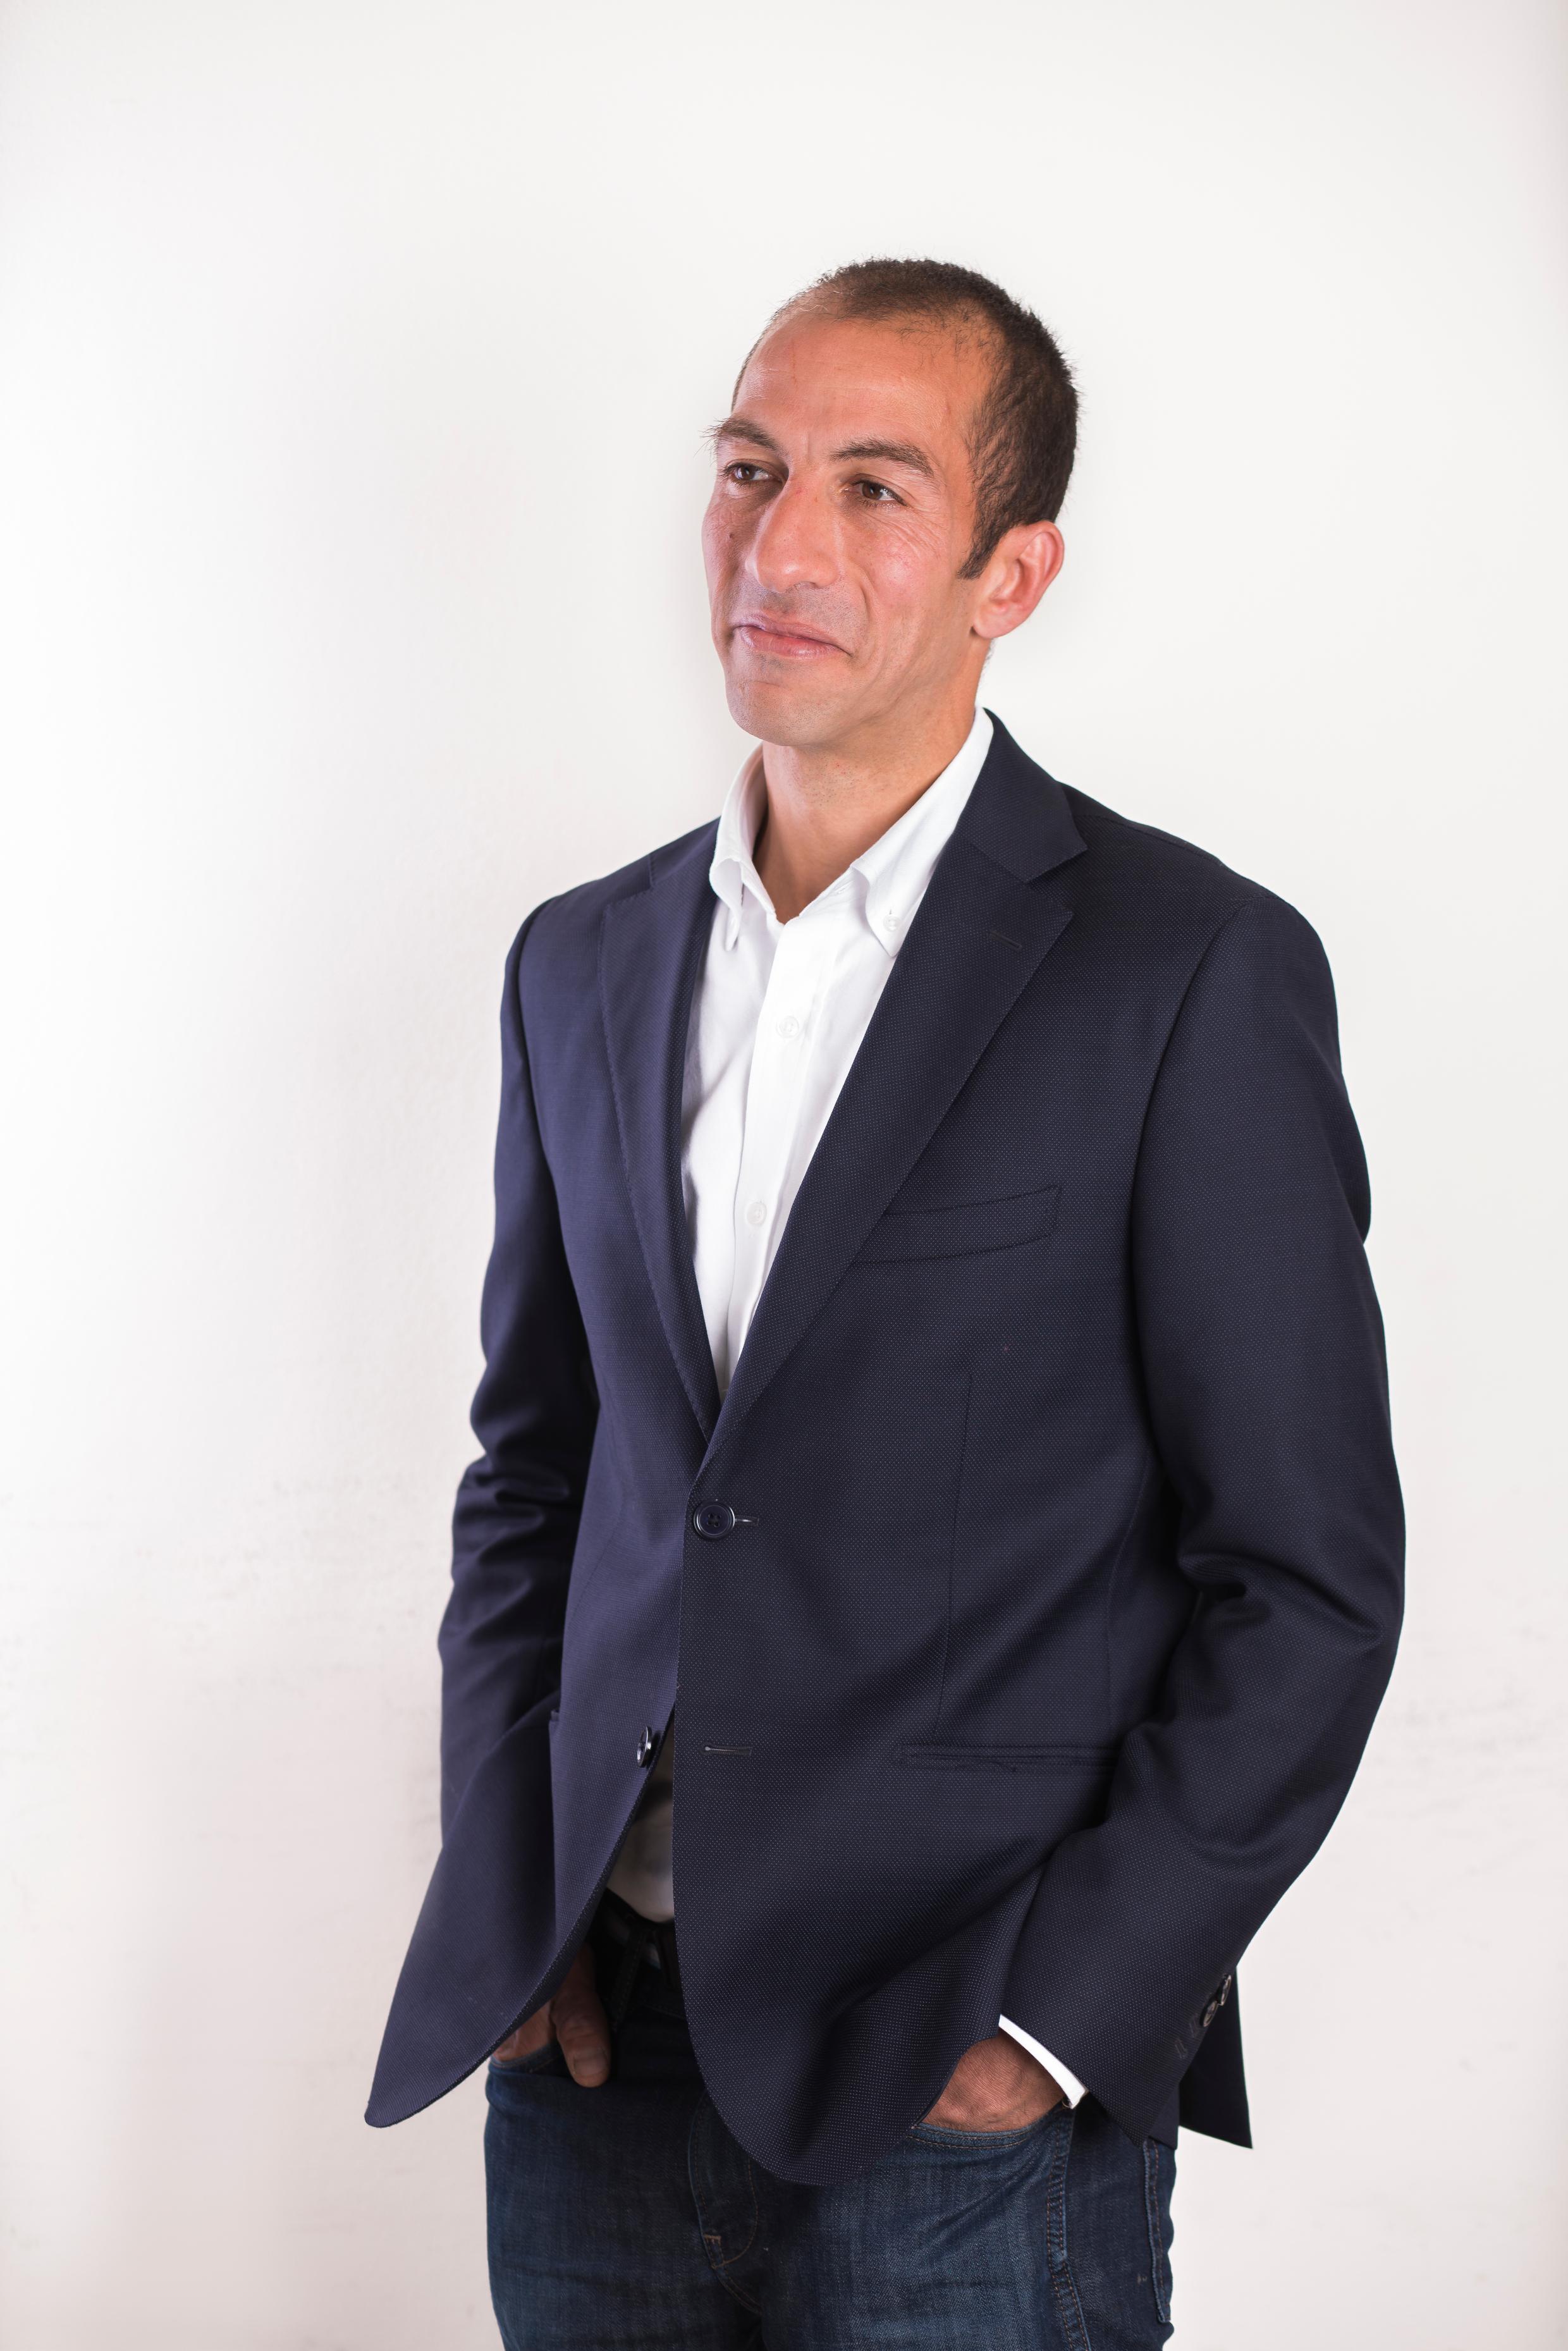 Tamer El Leithy